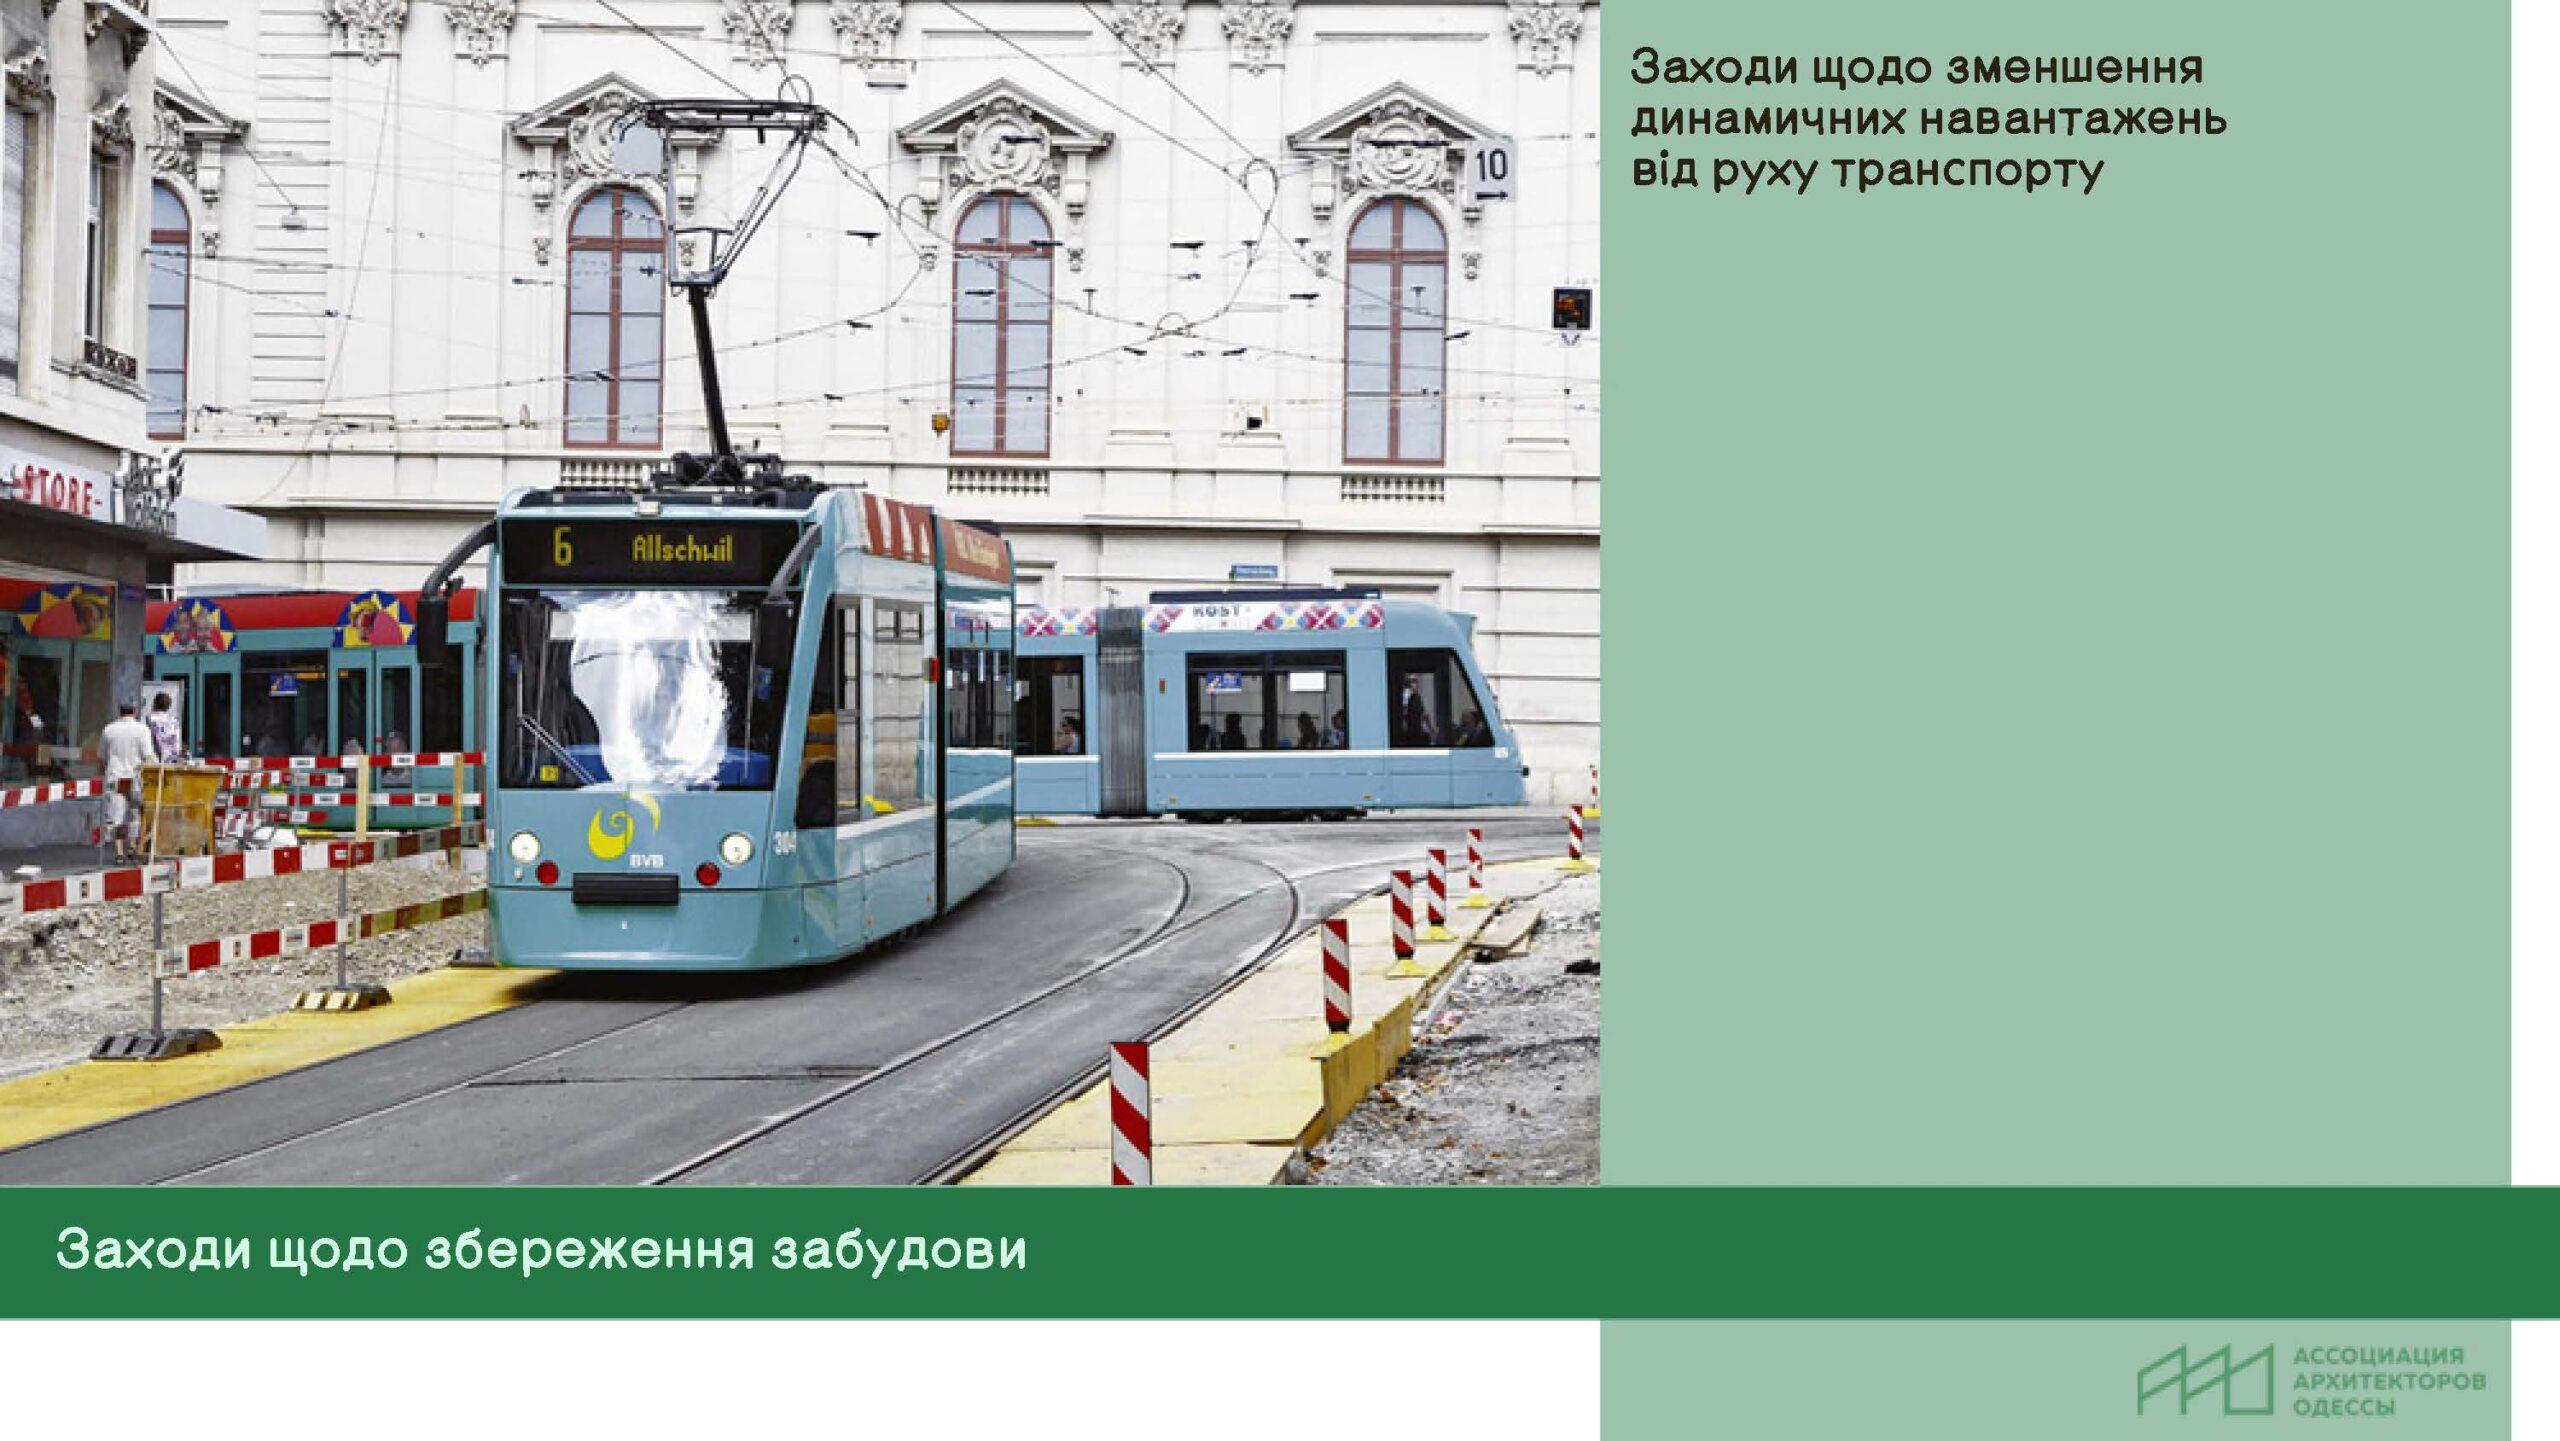 08 ААО Збереження-забудови_Страница_09